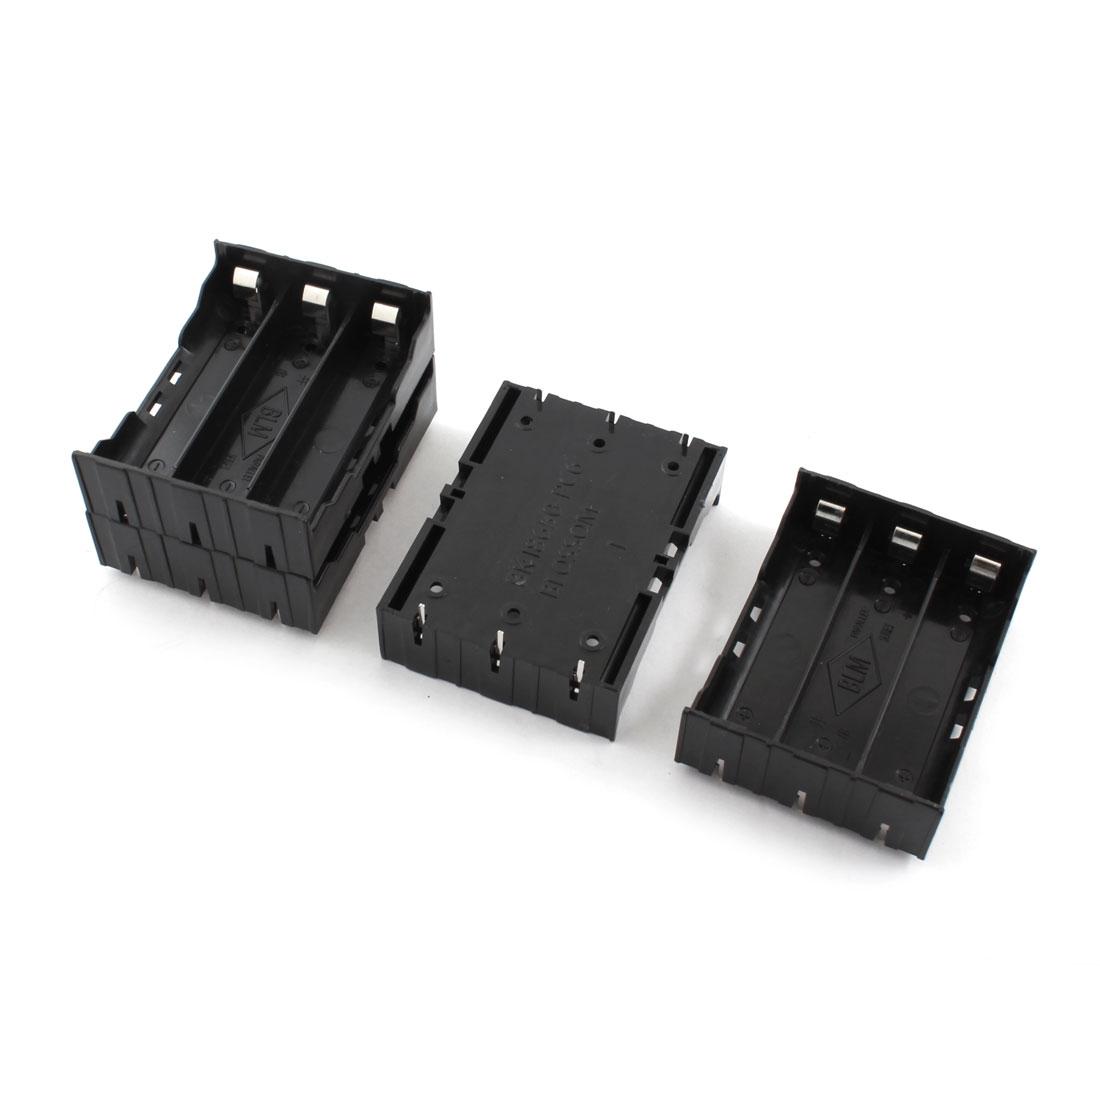 4Pcs Open Frame Rectangle Black Plastic Battery Storage Case Holder Box for 3 x 3.7V 18650